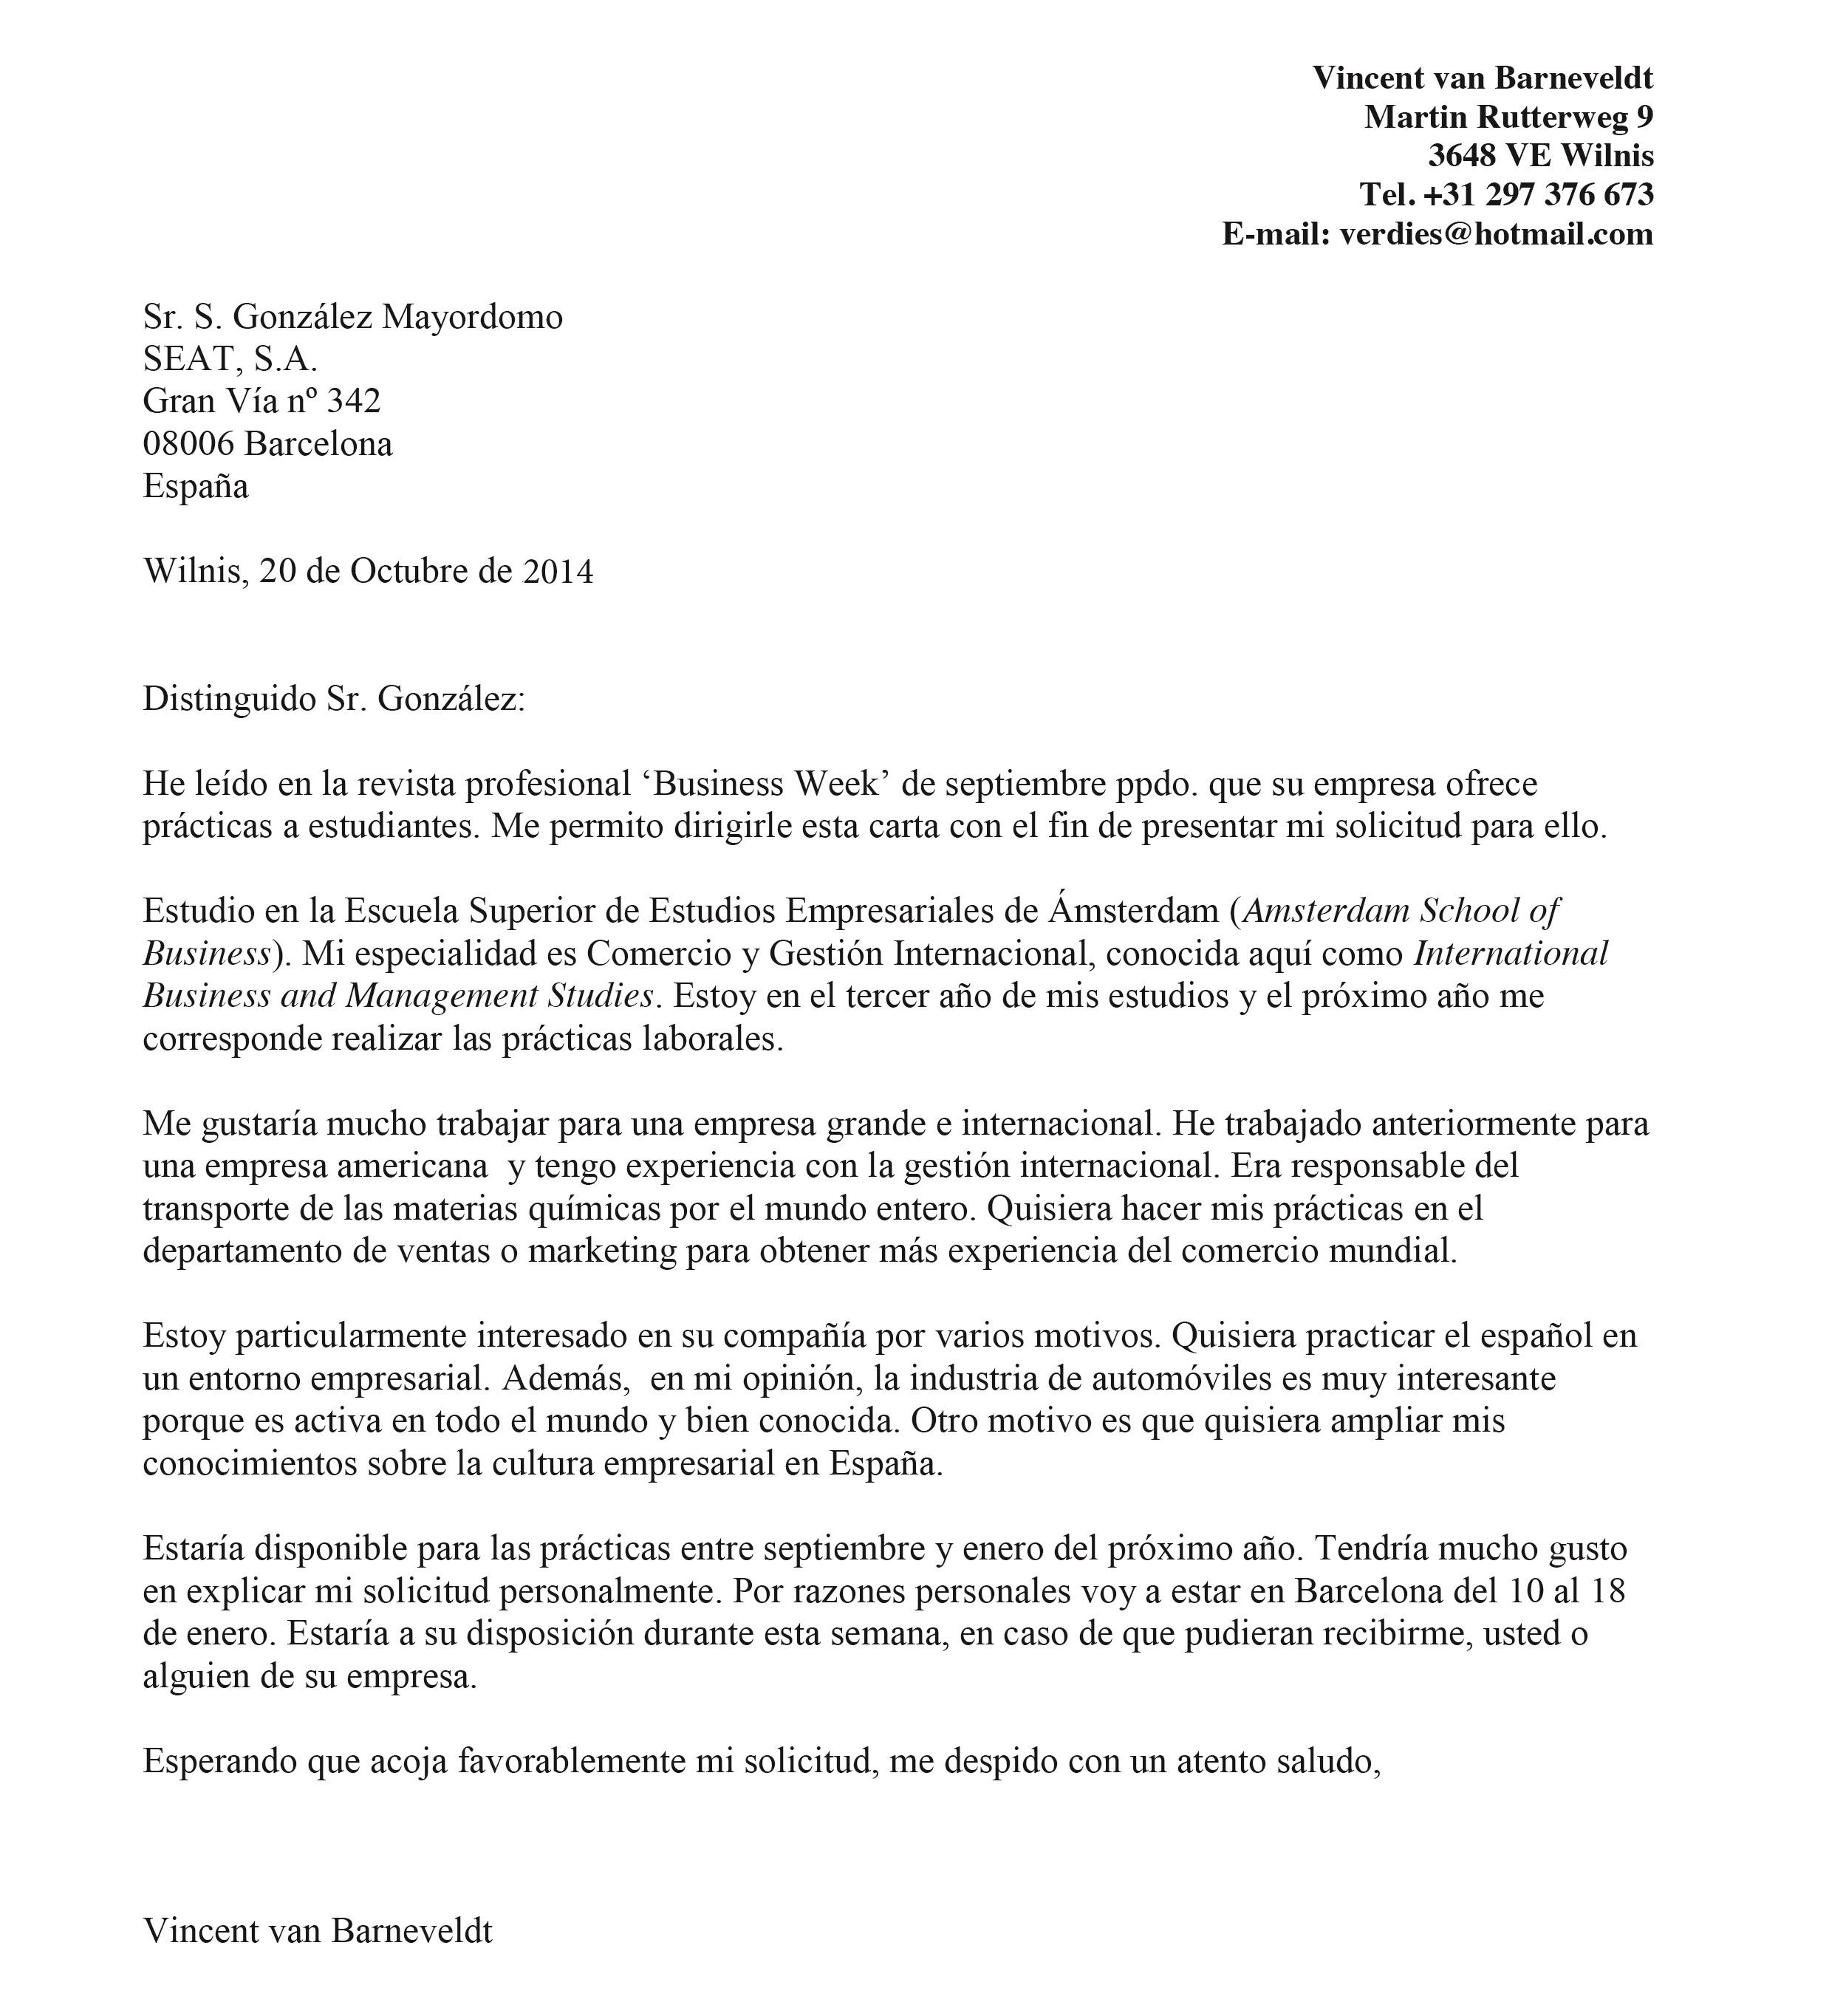 Spaanse Brief Schrijven | hetmakershuis